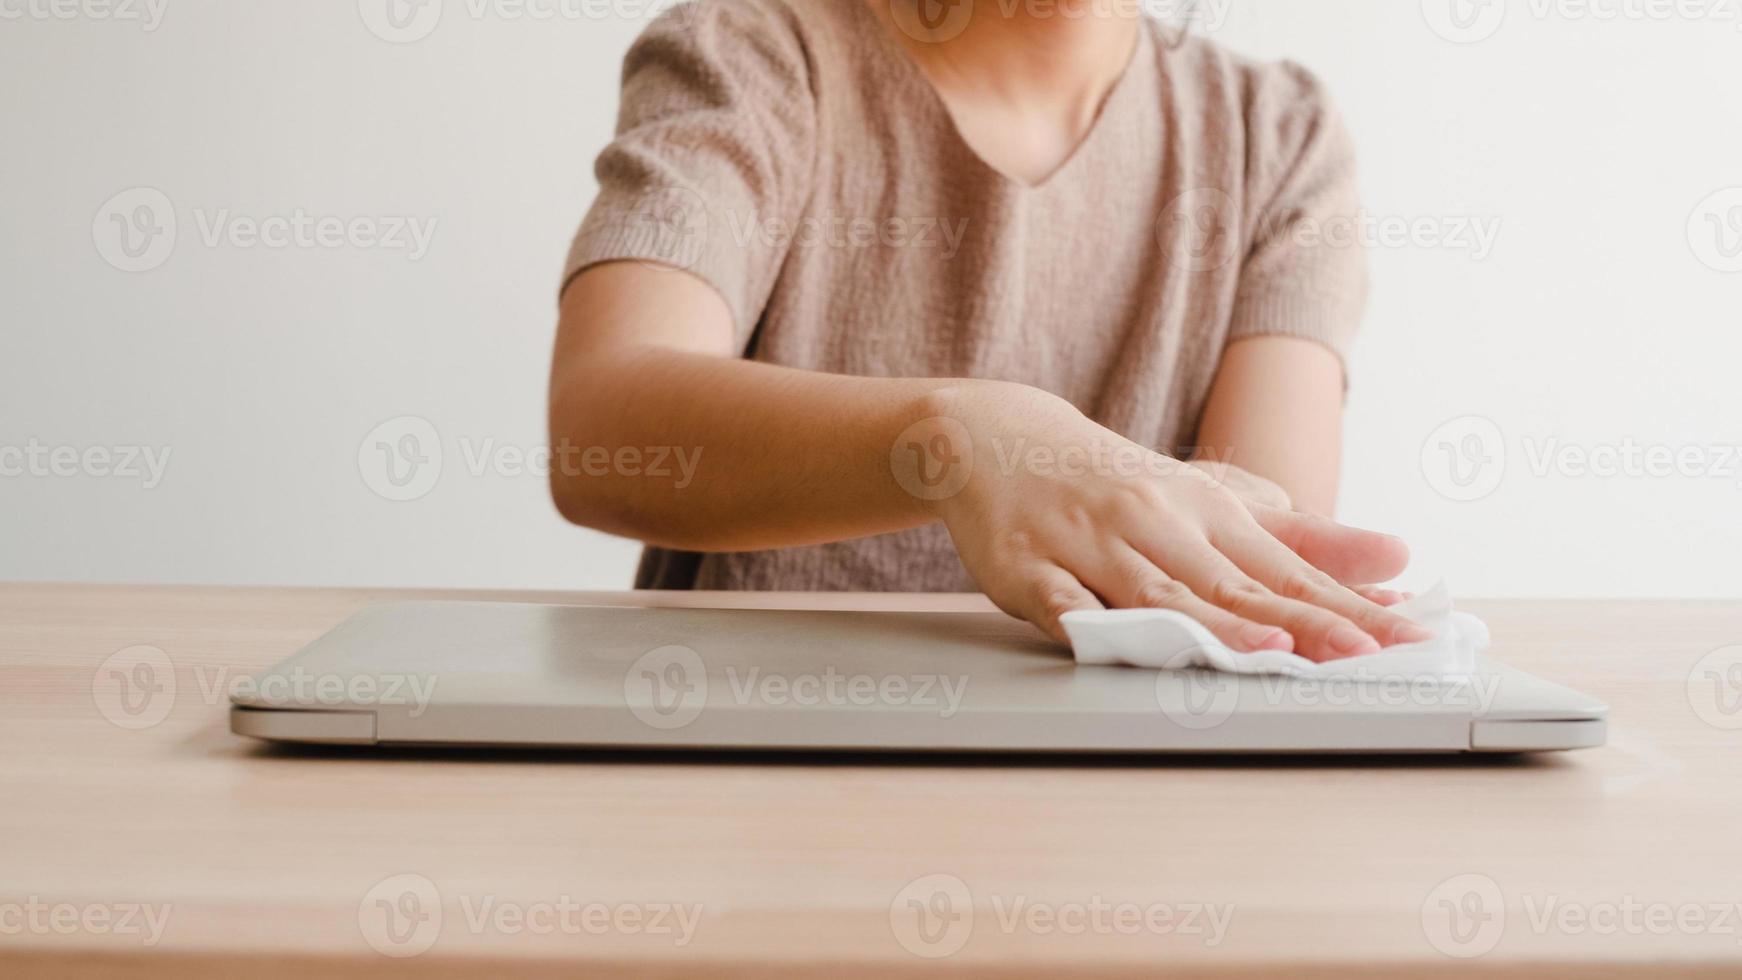 donna asiatica che usa spray alcolico su un laptop pulito in tessuto prima dell'apertura per proteggere il coronavirus. computer pulito femminile per l'igiene quando il distanziamento sociale resta a casa e il tempo di autoquarantena. foto